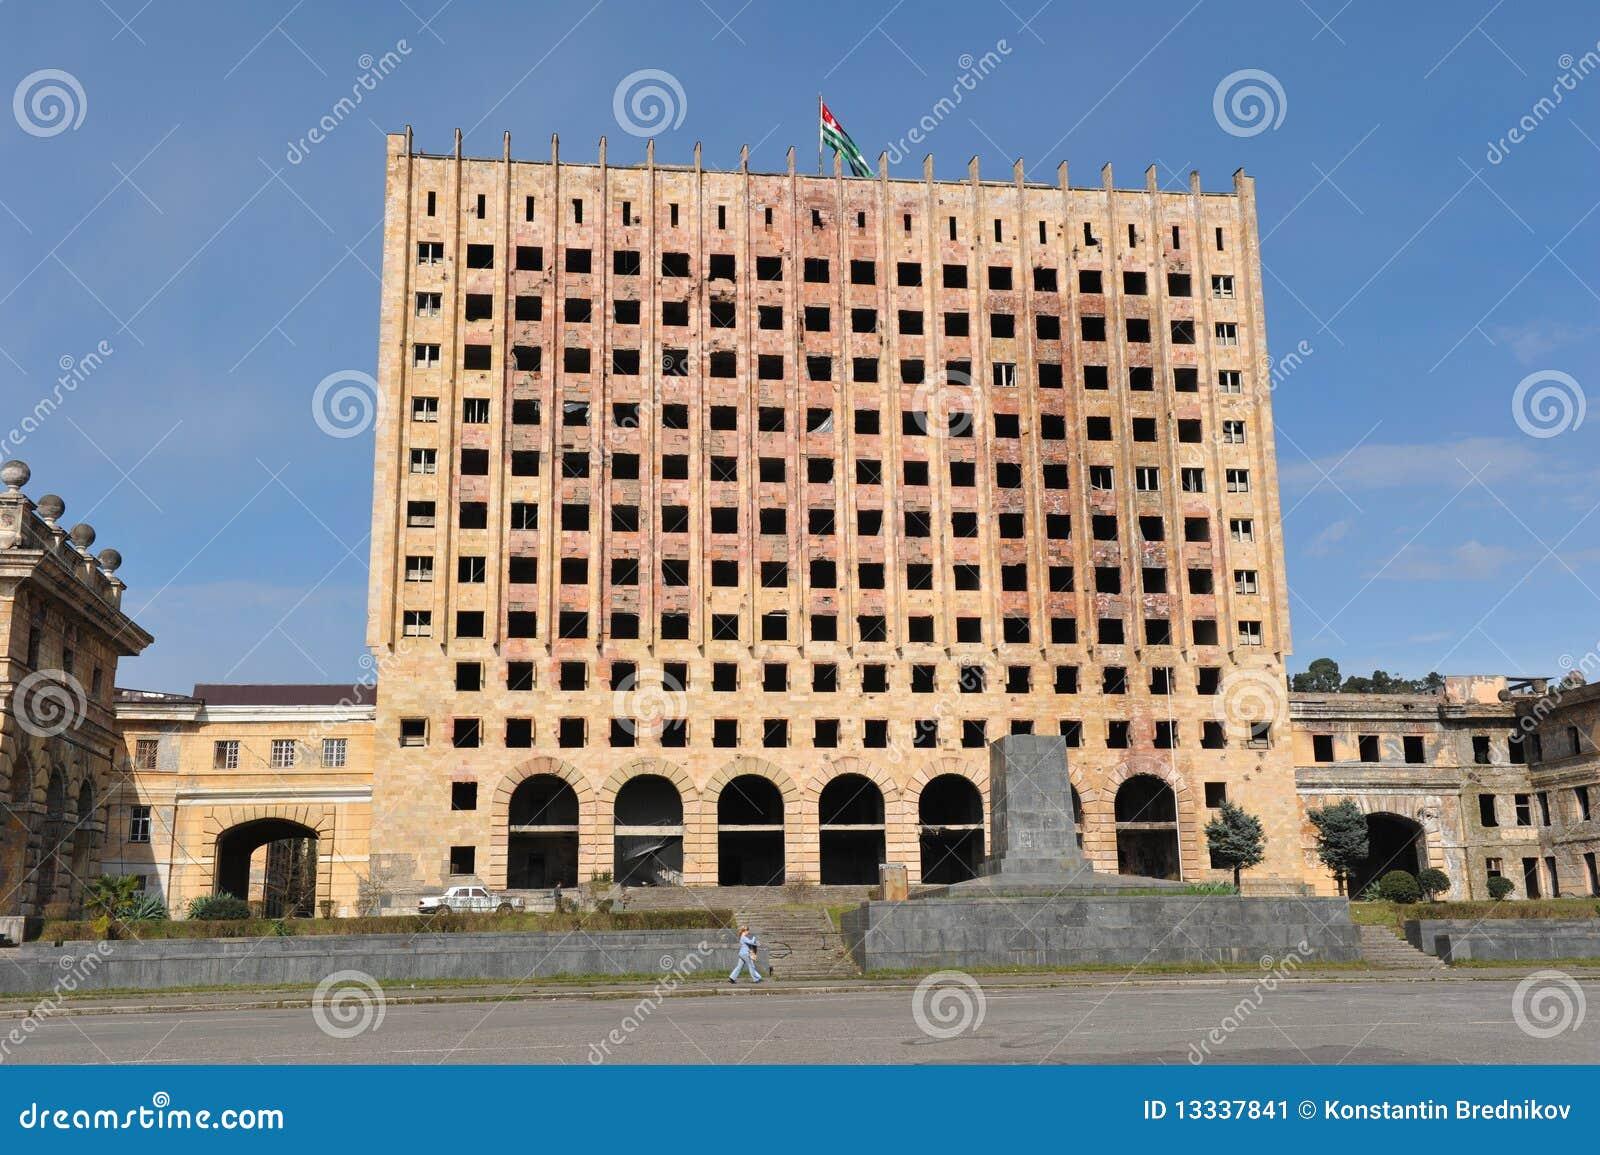 Abkhazia budynku rząd pustoszyjąca wa wojna